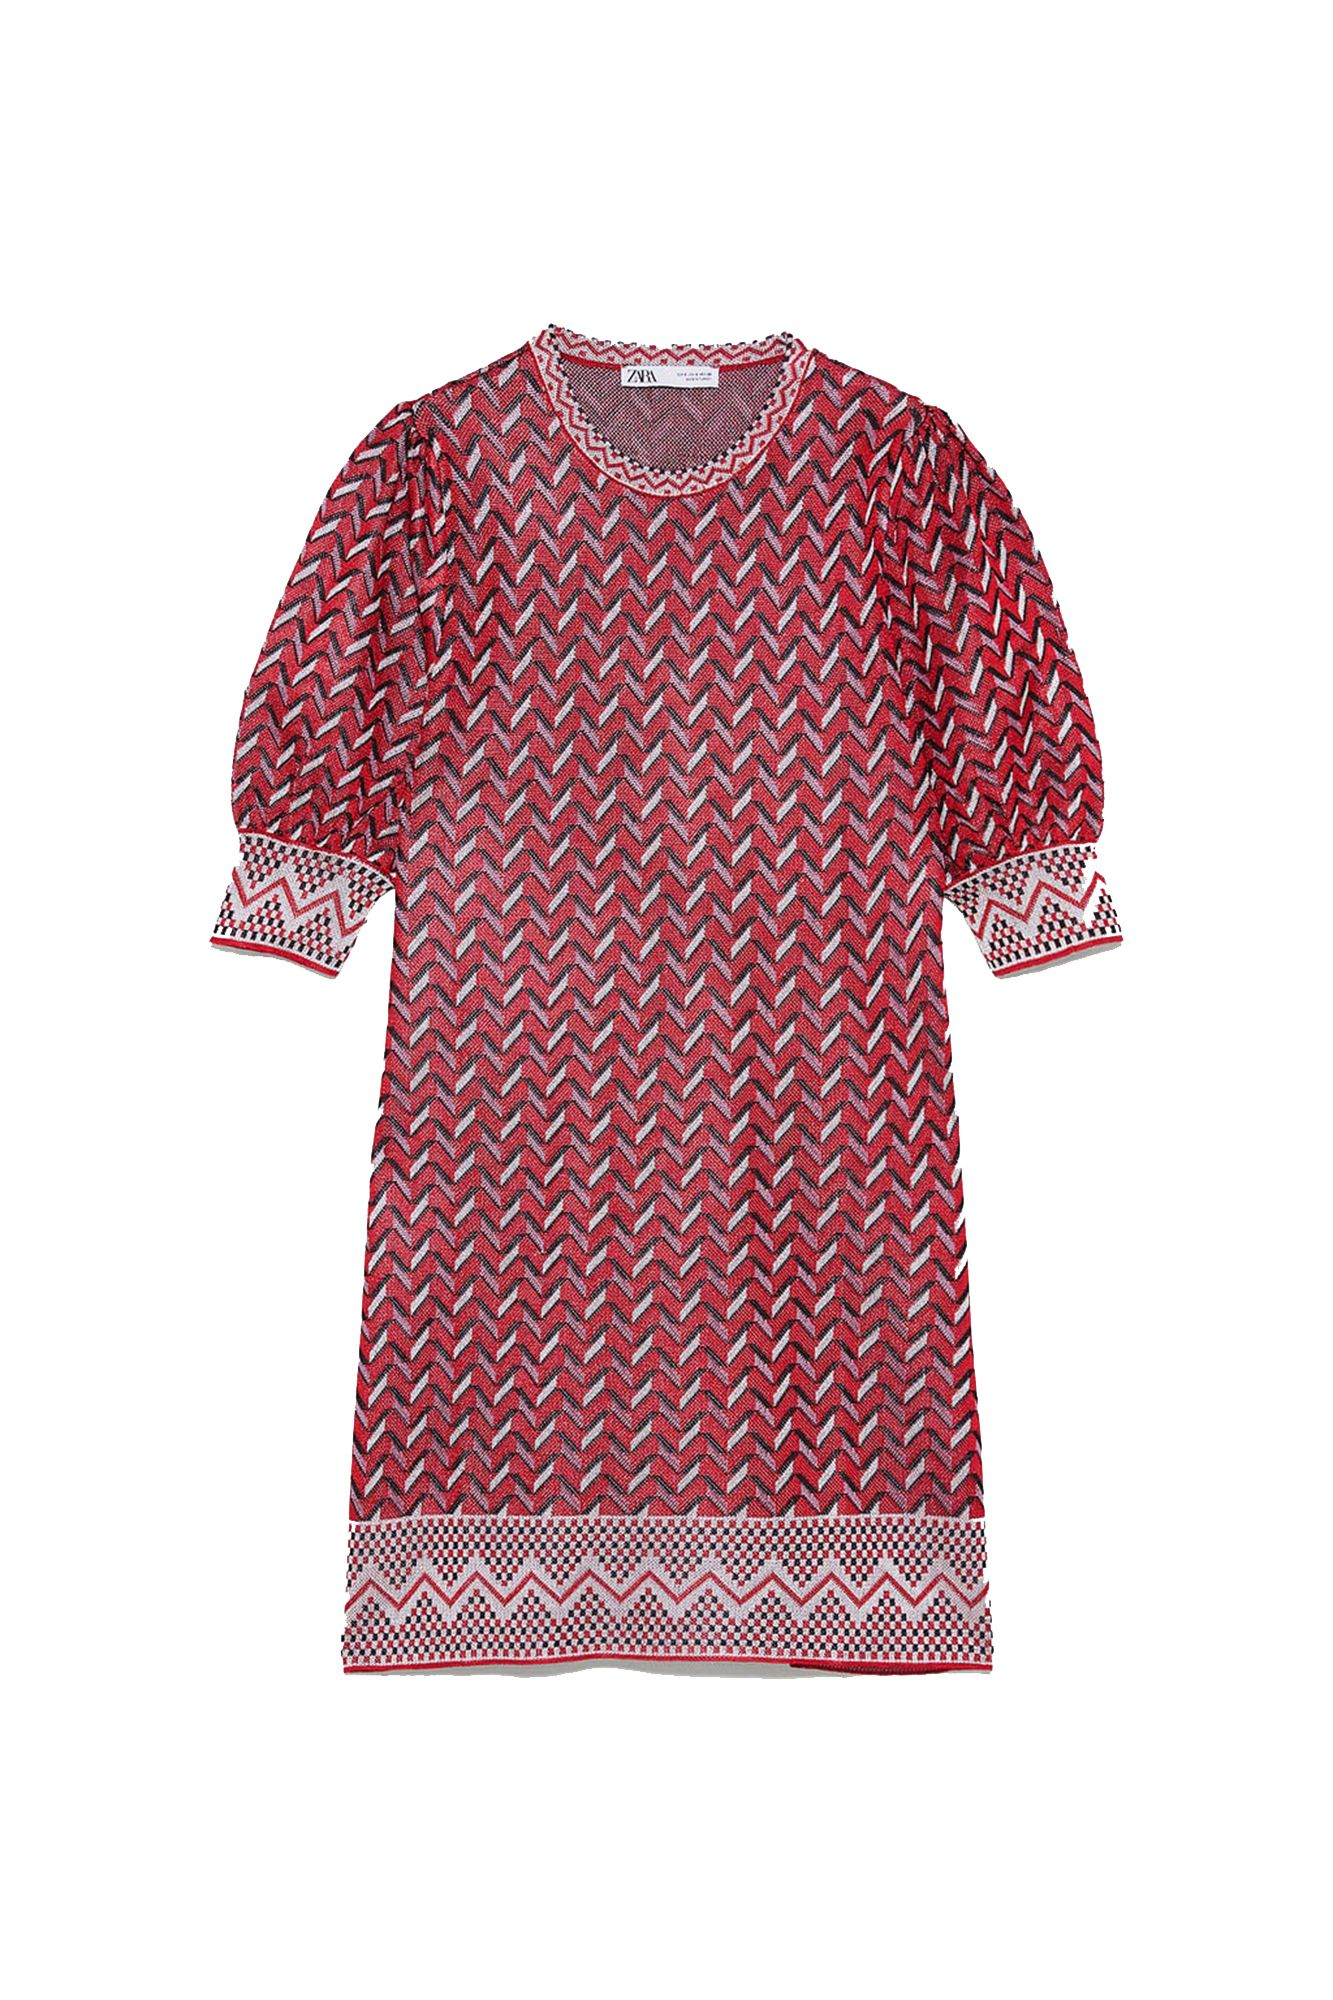 Nuevo en tienda Zara mango hM